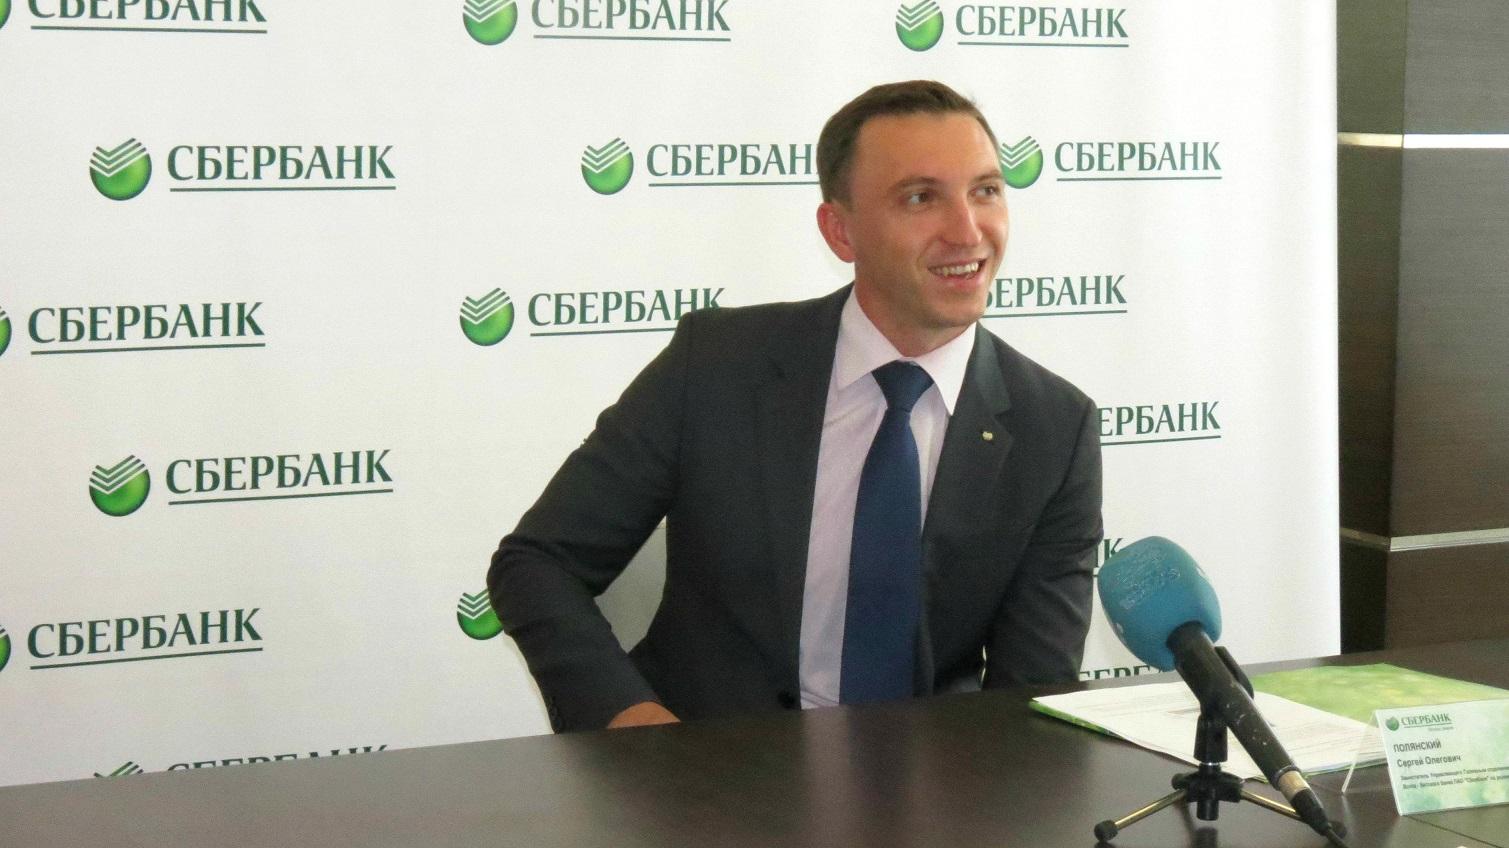 Новости грузии сегодня видео рустави 2